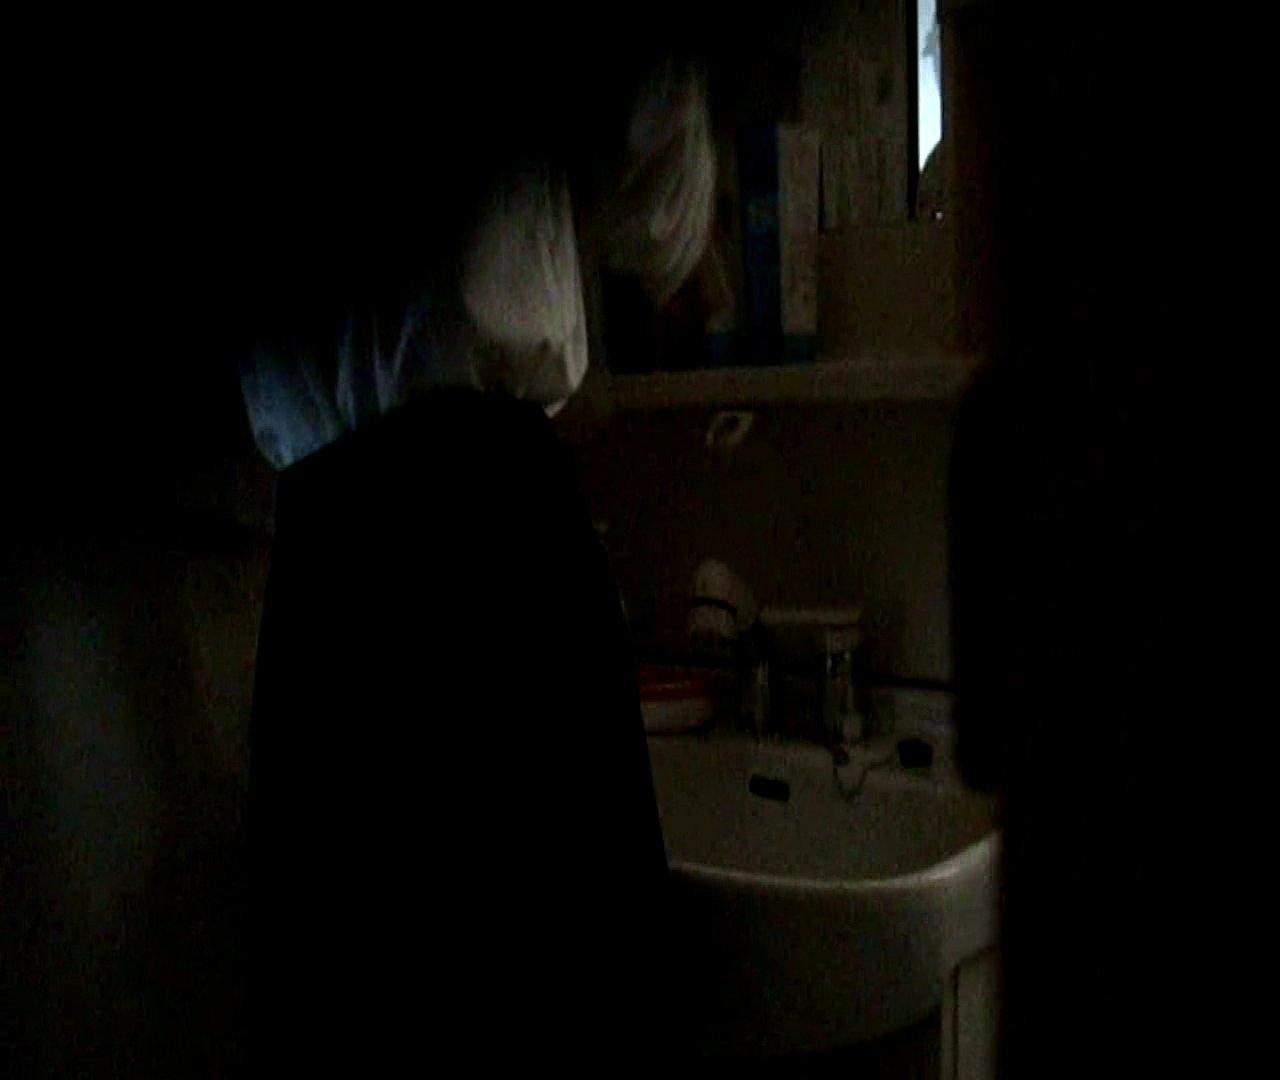 二人とも育てた甲斐がありました… vol.05 まどかが洗顔後にブラを洗濯 HなOL | 0  98pic 29